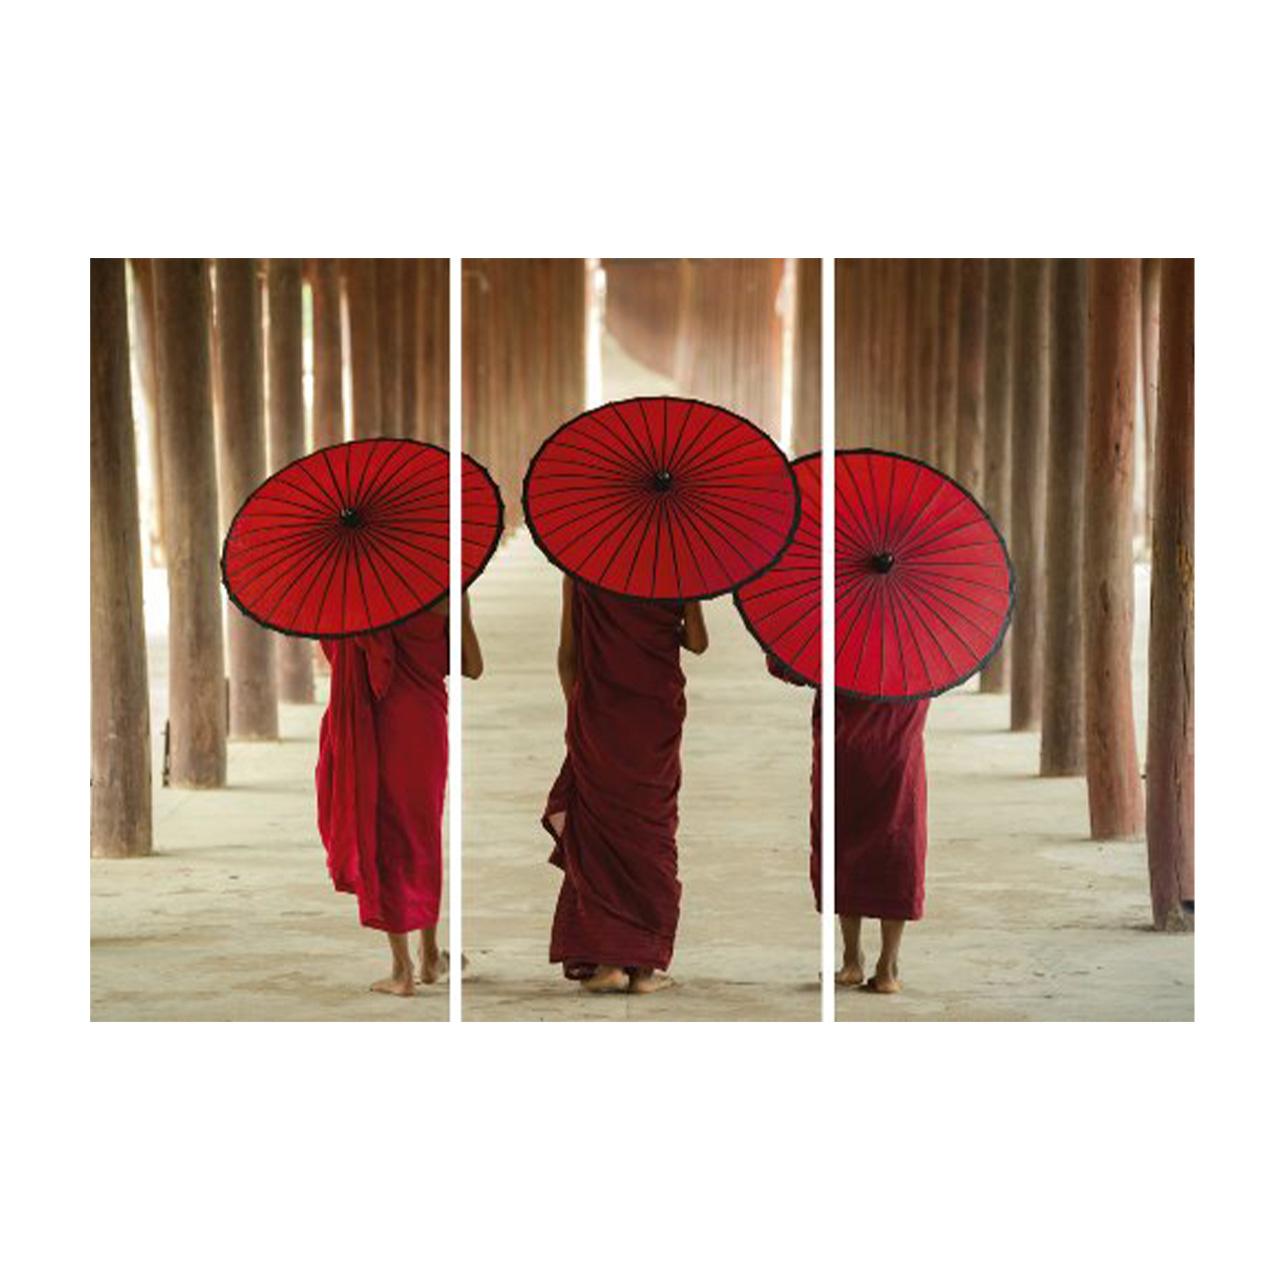 Imageland Bild Mönche mit Schirmen